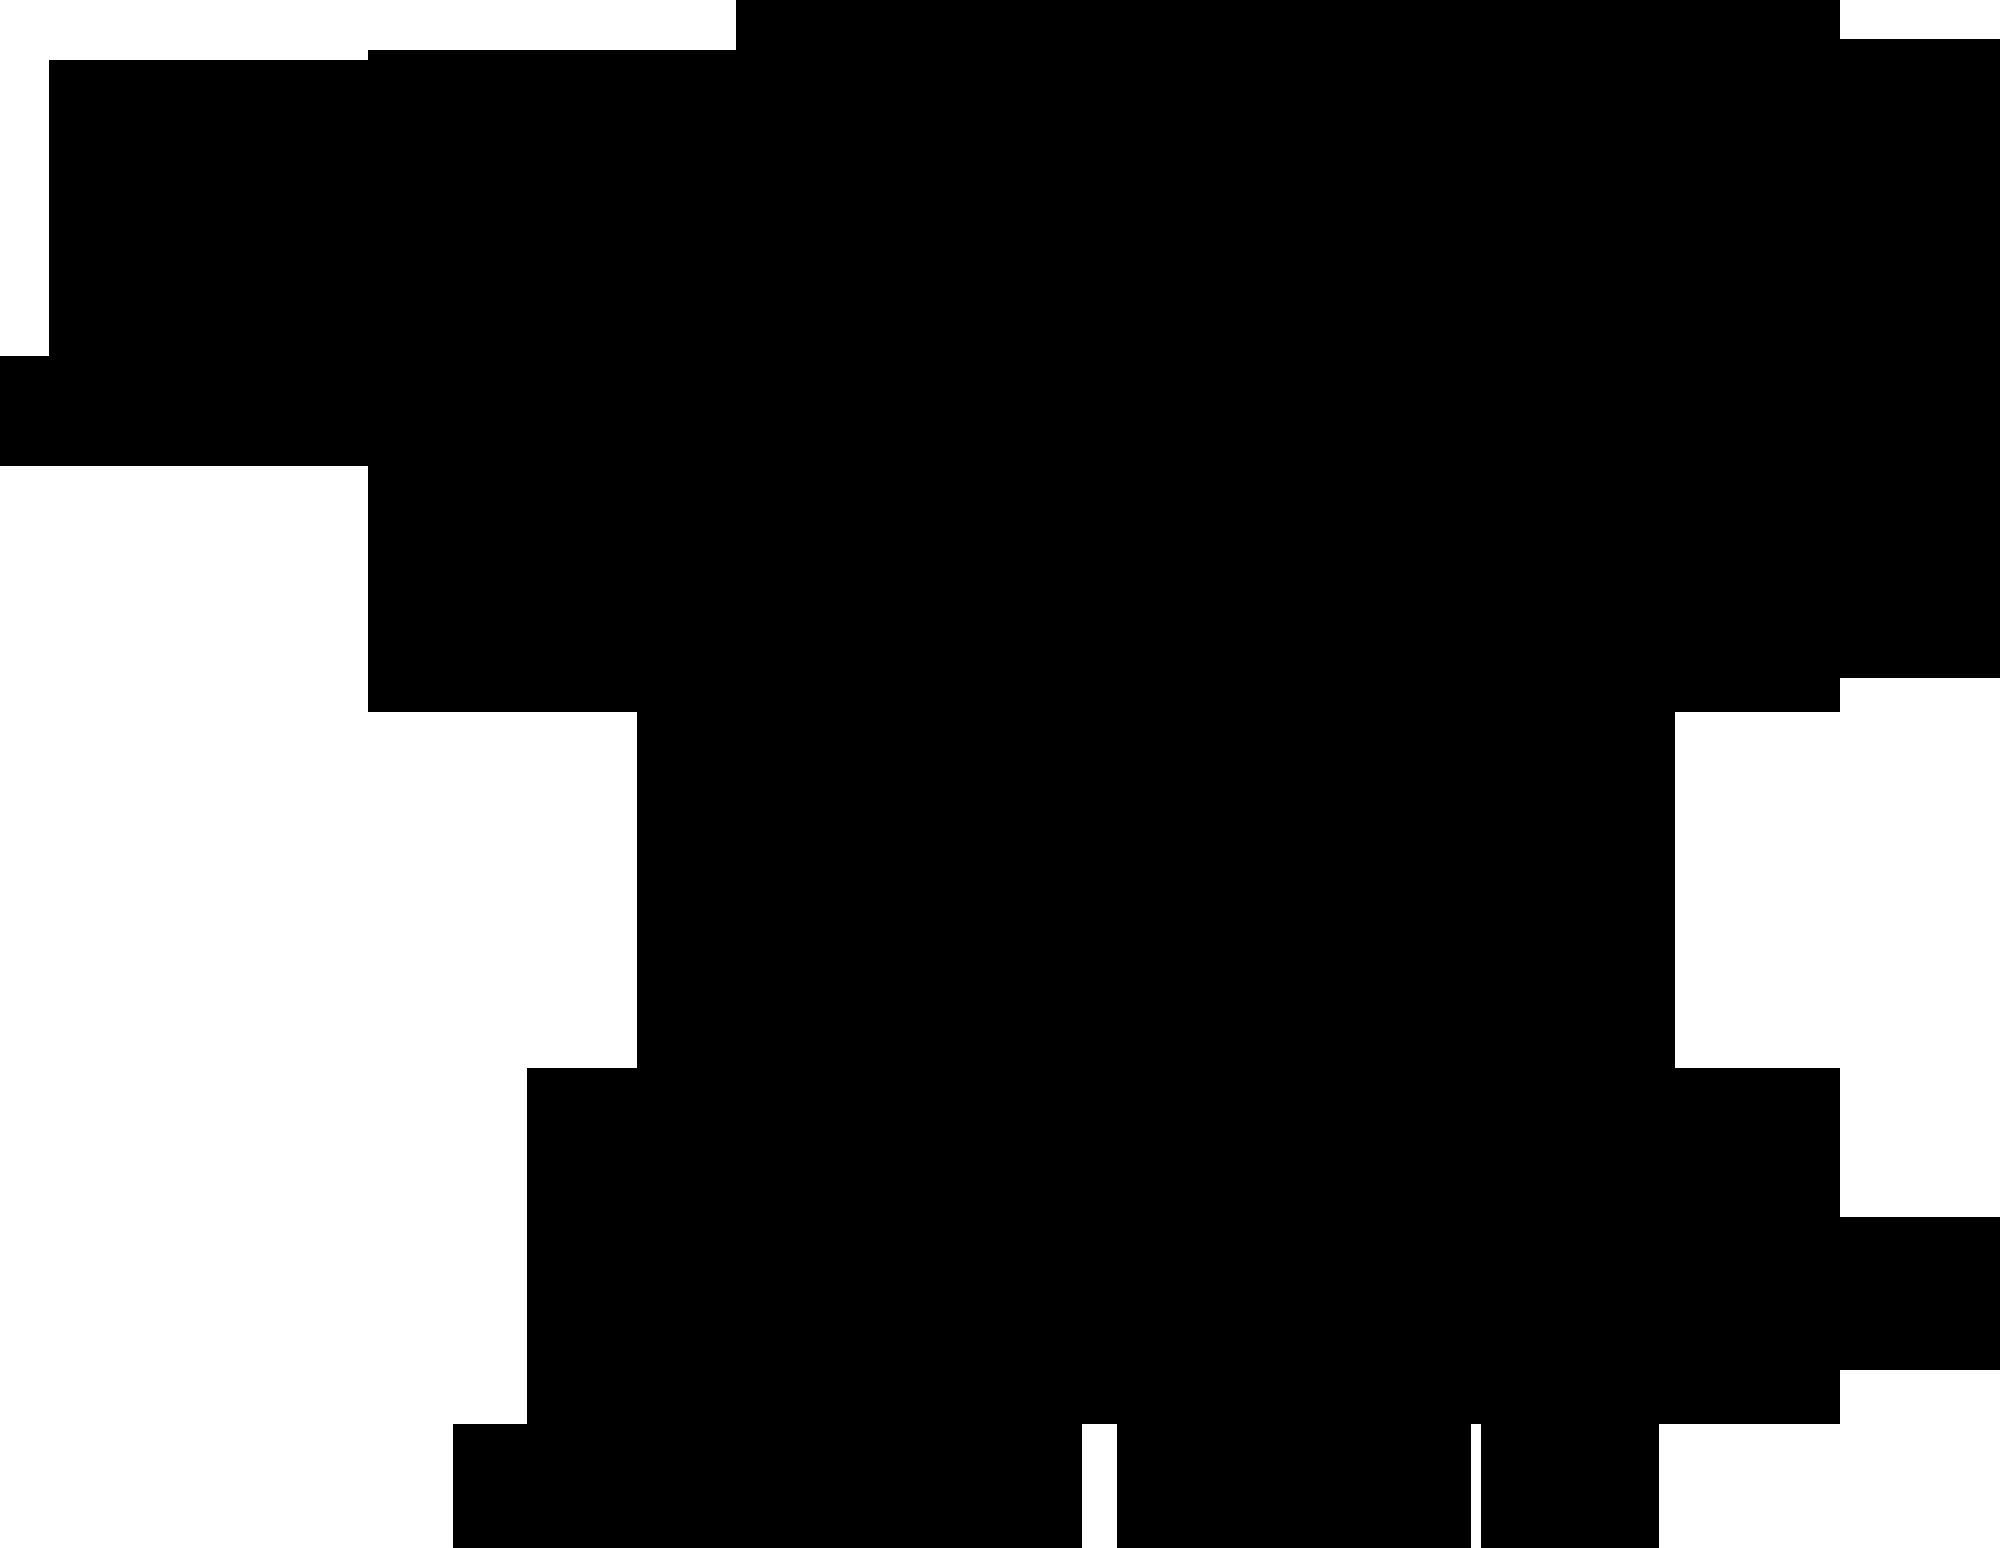 Naruto 681 Kaguya's Tears Lineart by trinuma020